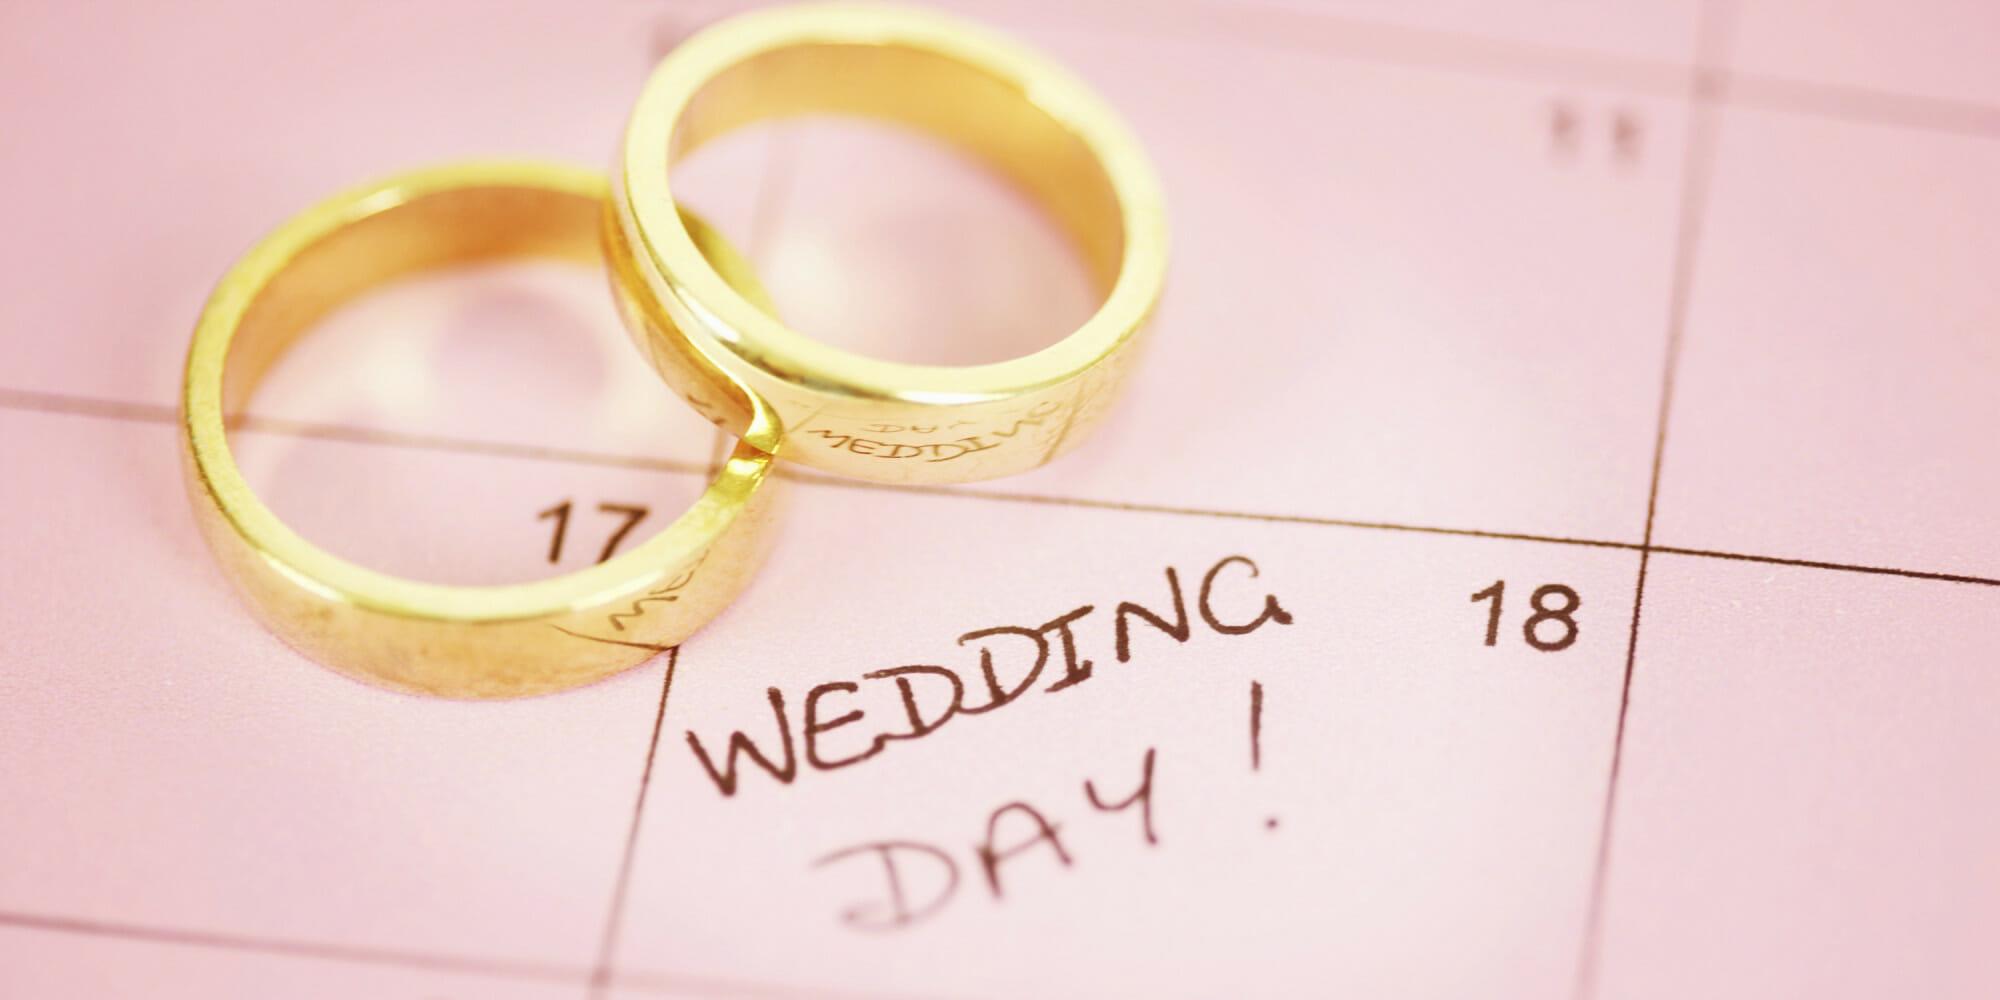 weddings in Ghana